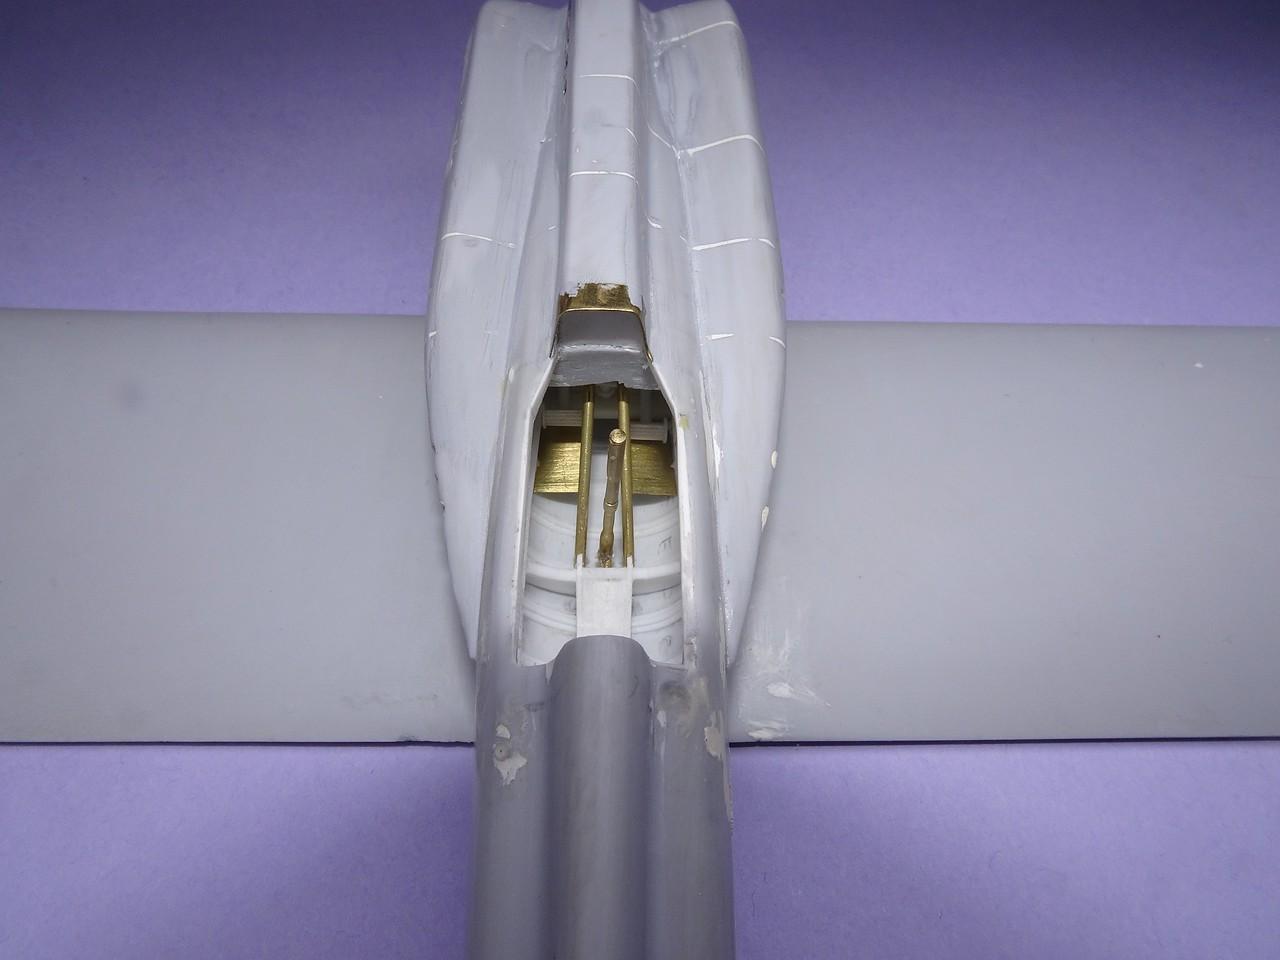 DSC02743-X2.jpg